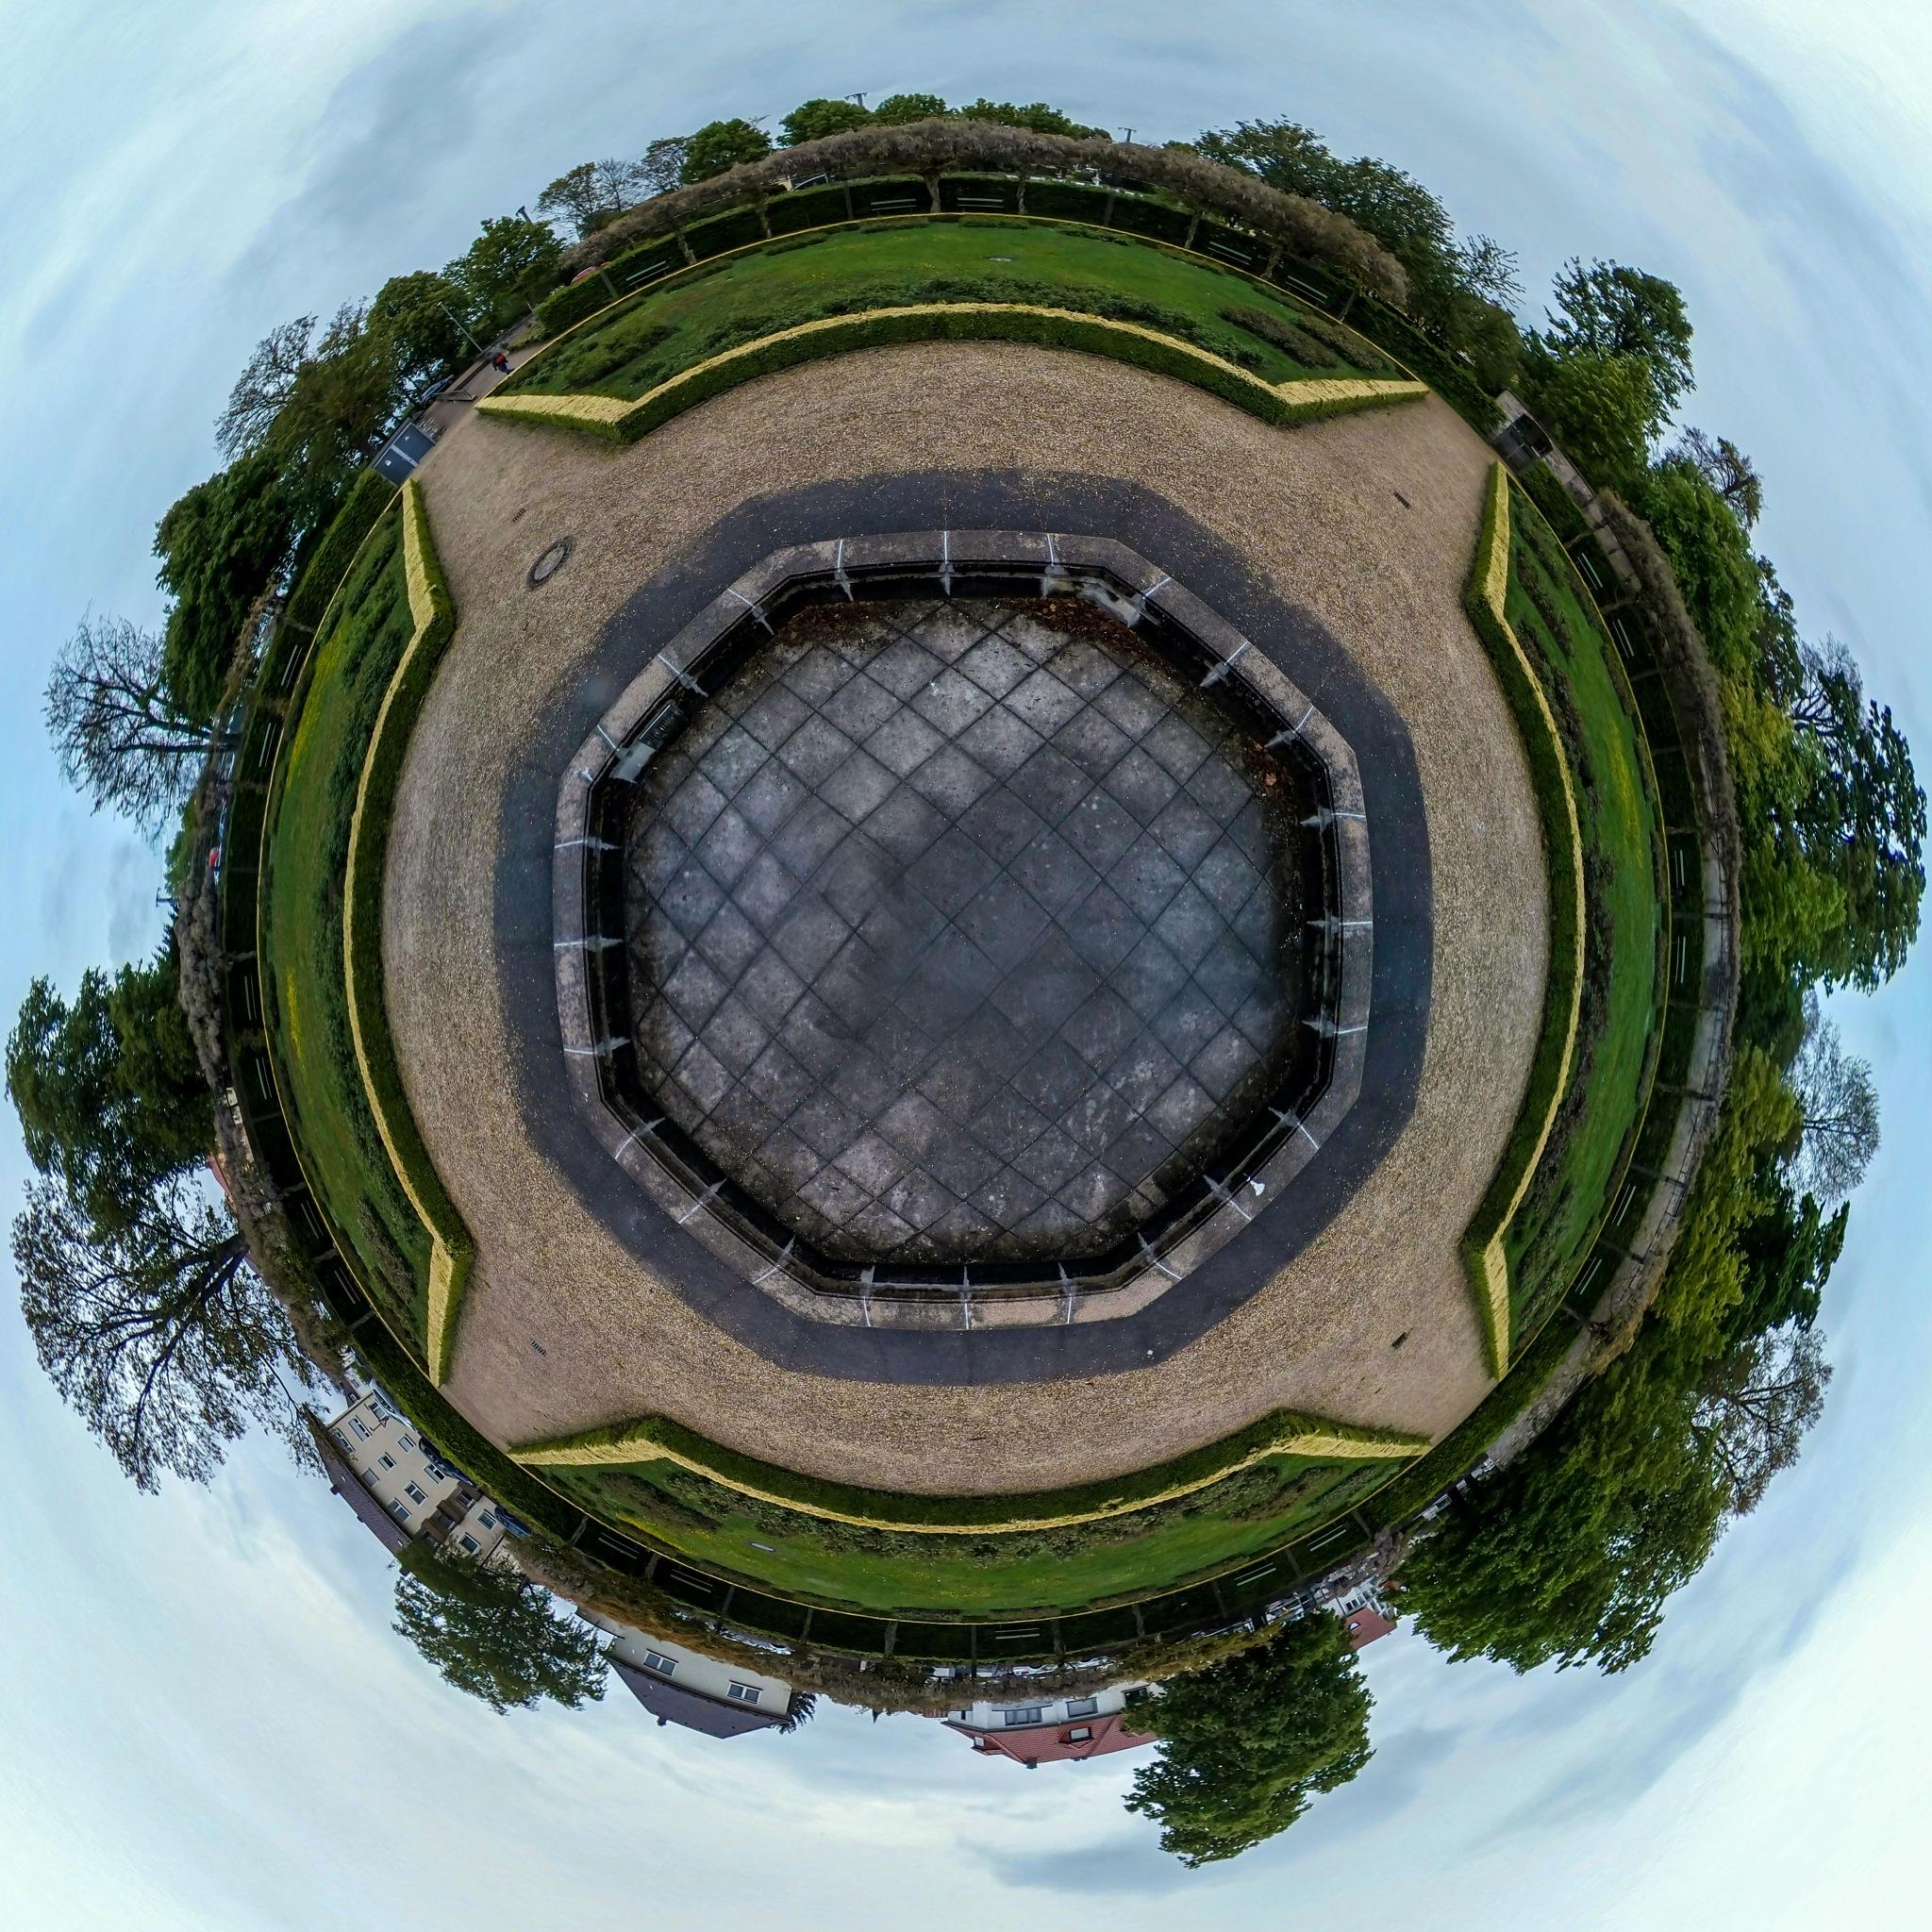 Palace garden by Peter Blaha